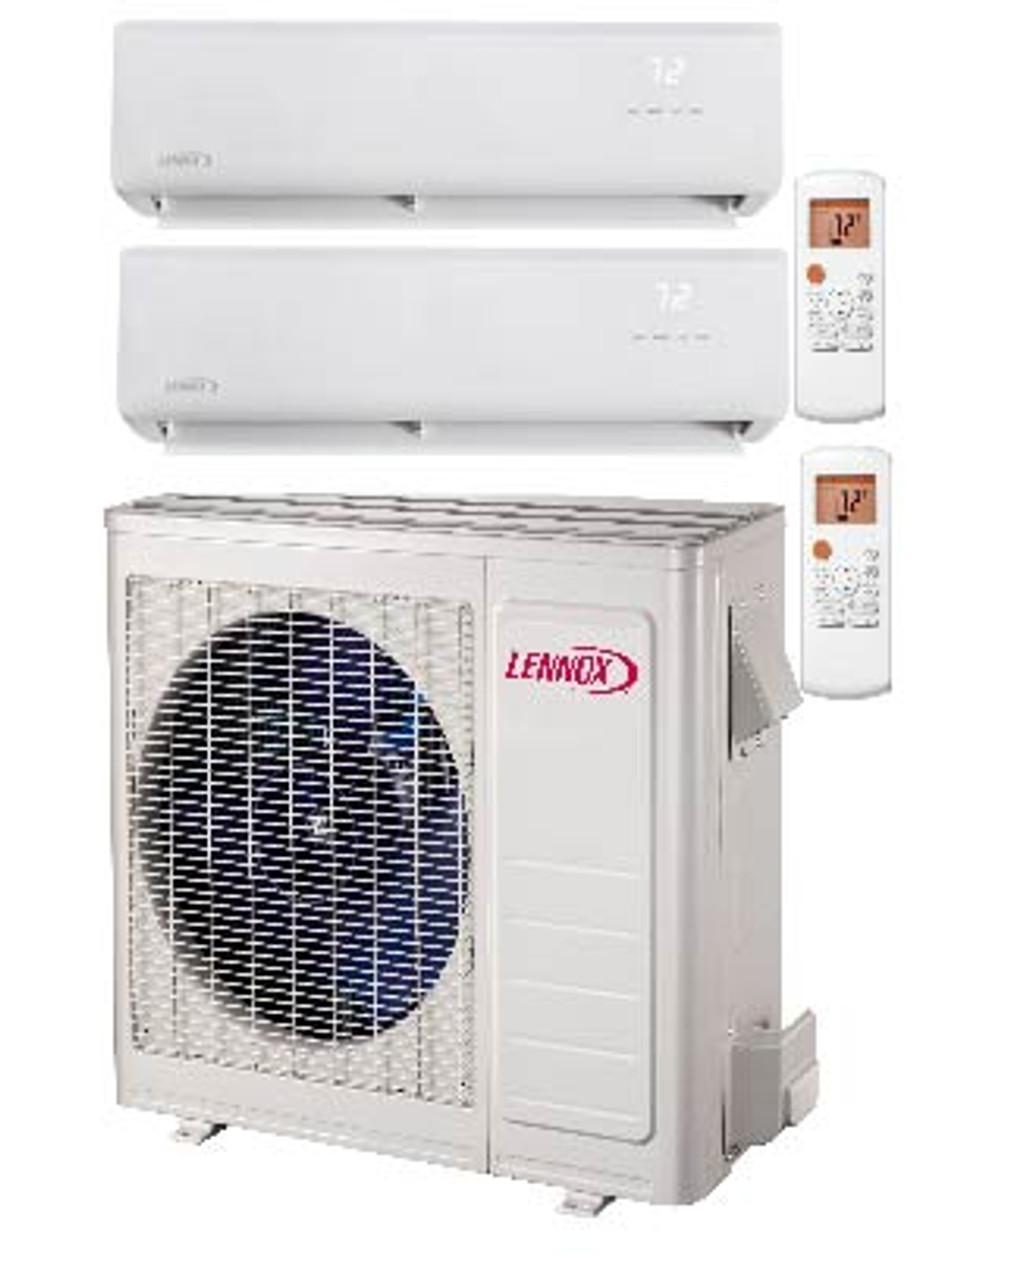 Lennox MP-Series 4 Ton Dual Zone 48,000 BTU Heat Pump Mini-Split System